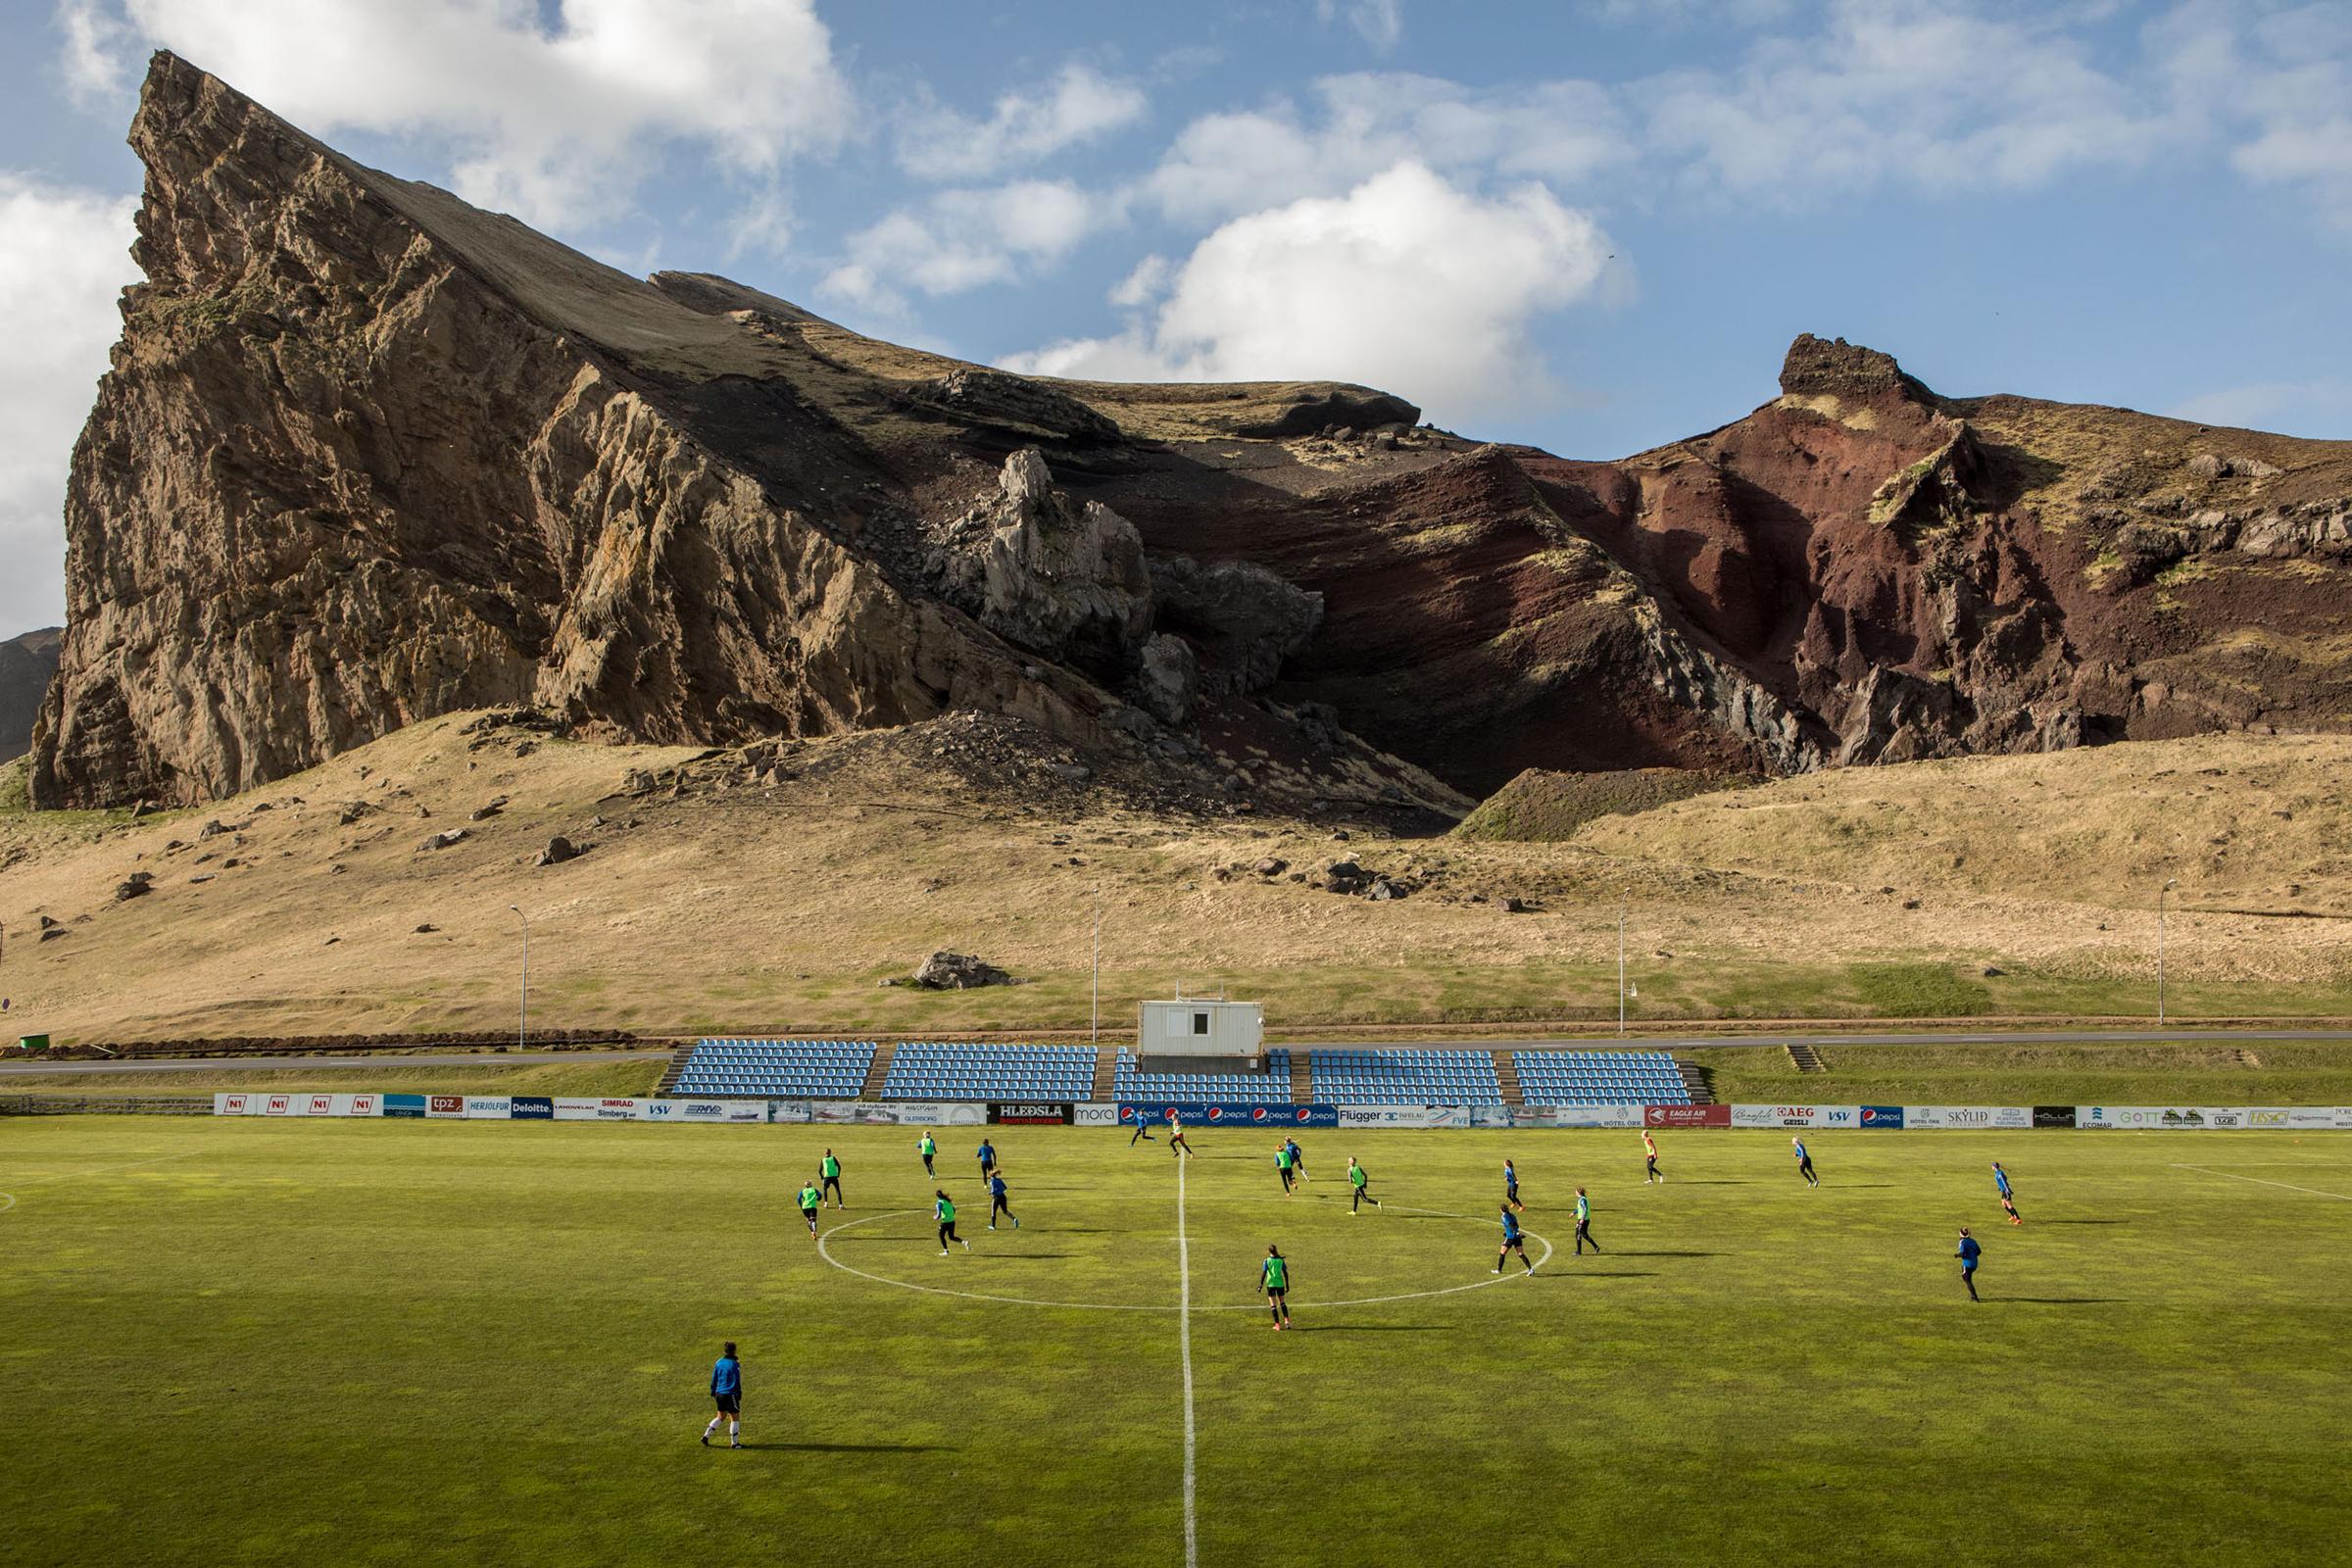 Первый футбольный клуб Исландии — «Викингур» из Рейкьявика — появился в 1908 году. На его счету пять званий чемпиона Исландии и победа в национальном кубке в 1971 году. Клуб существует до сих пор и вместе с 11 другими входит в высший дивизион «Урвальсдейльд карла» — главную футбольную лигу страны, которая появилась в 1912 году.  В отличие от других существующих европейских чемпионатов, турнир в Исландии не прекращался во время Второй мировой войны.